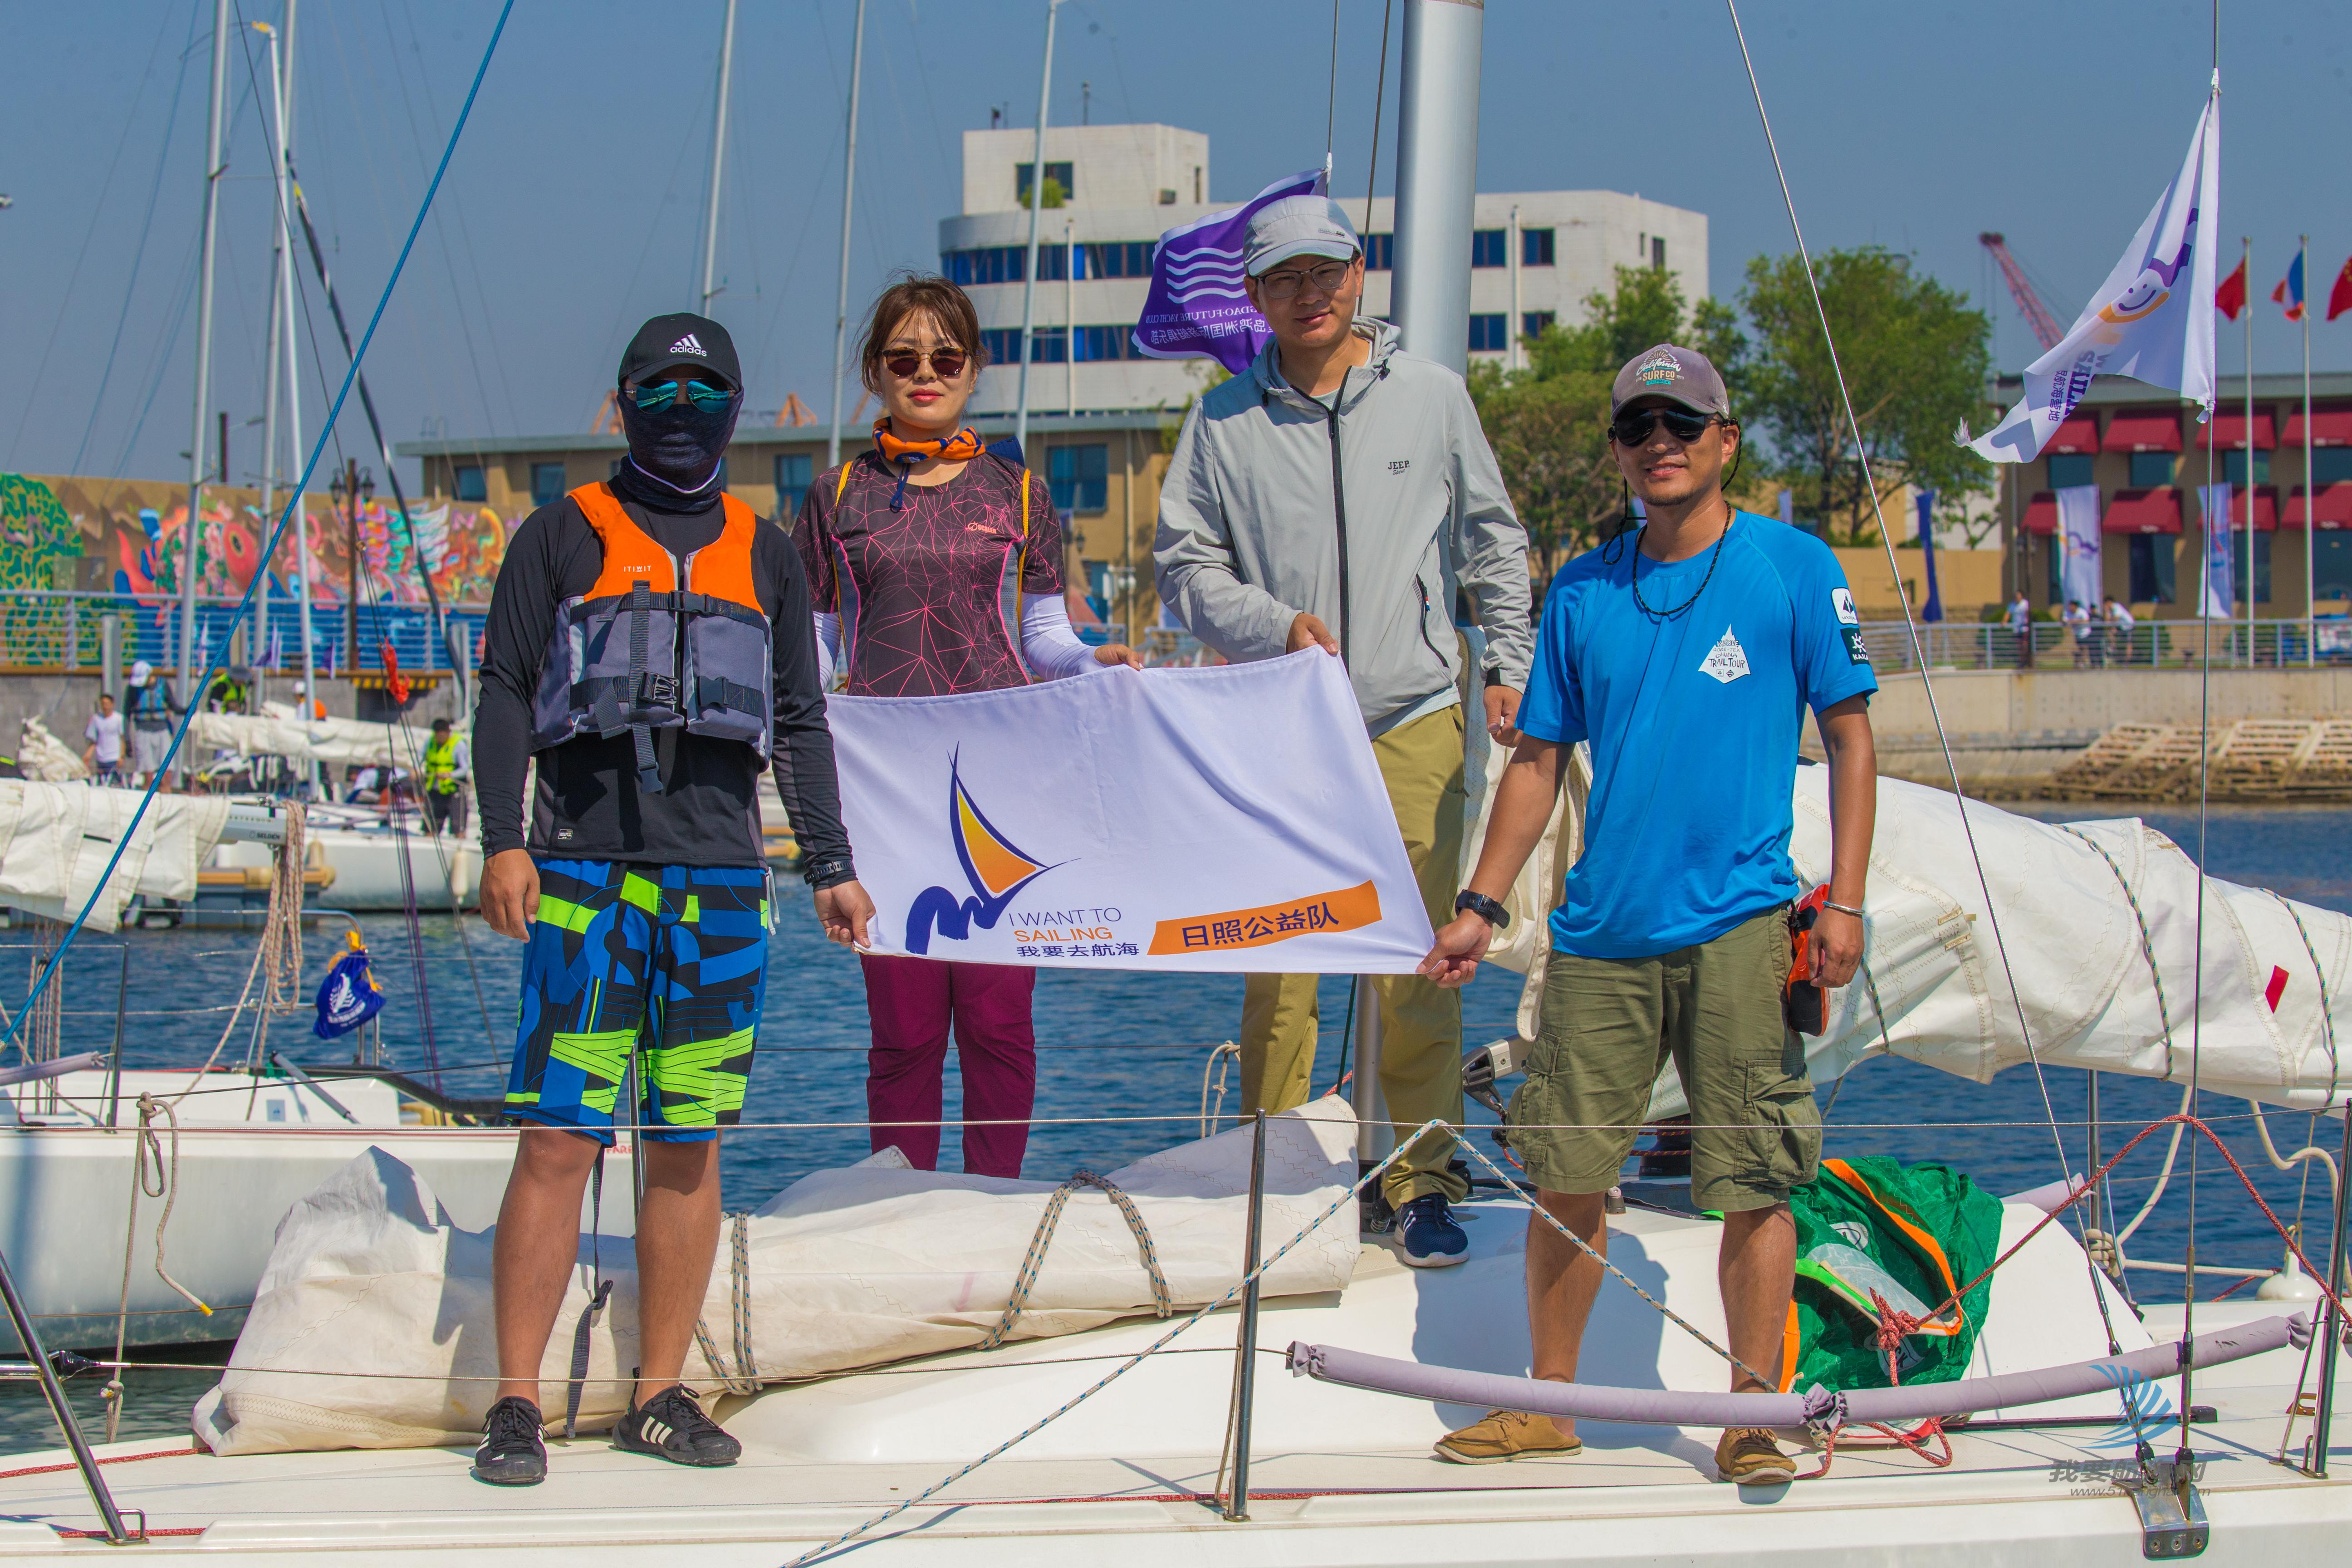 2019鸿洲国际帆船联赛--菜鸟对帆船和航海的感悟